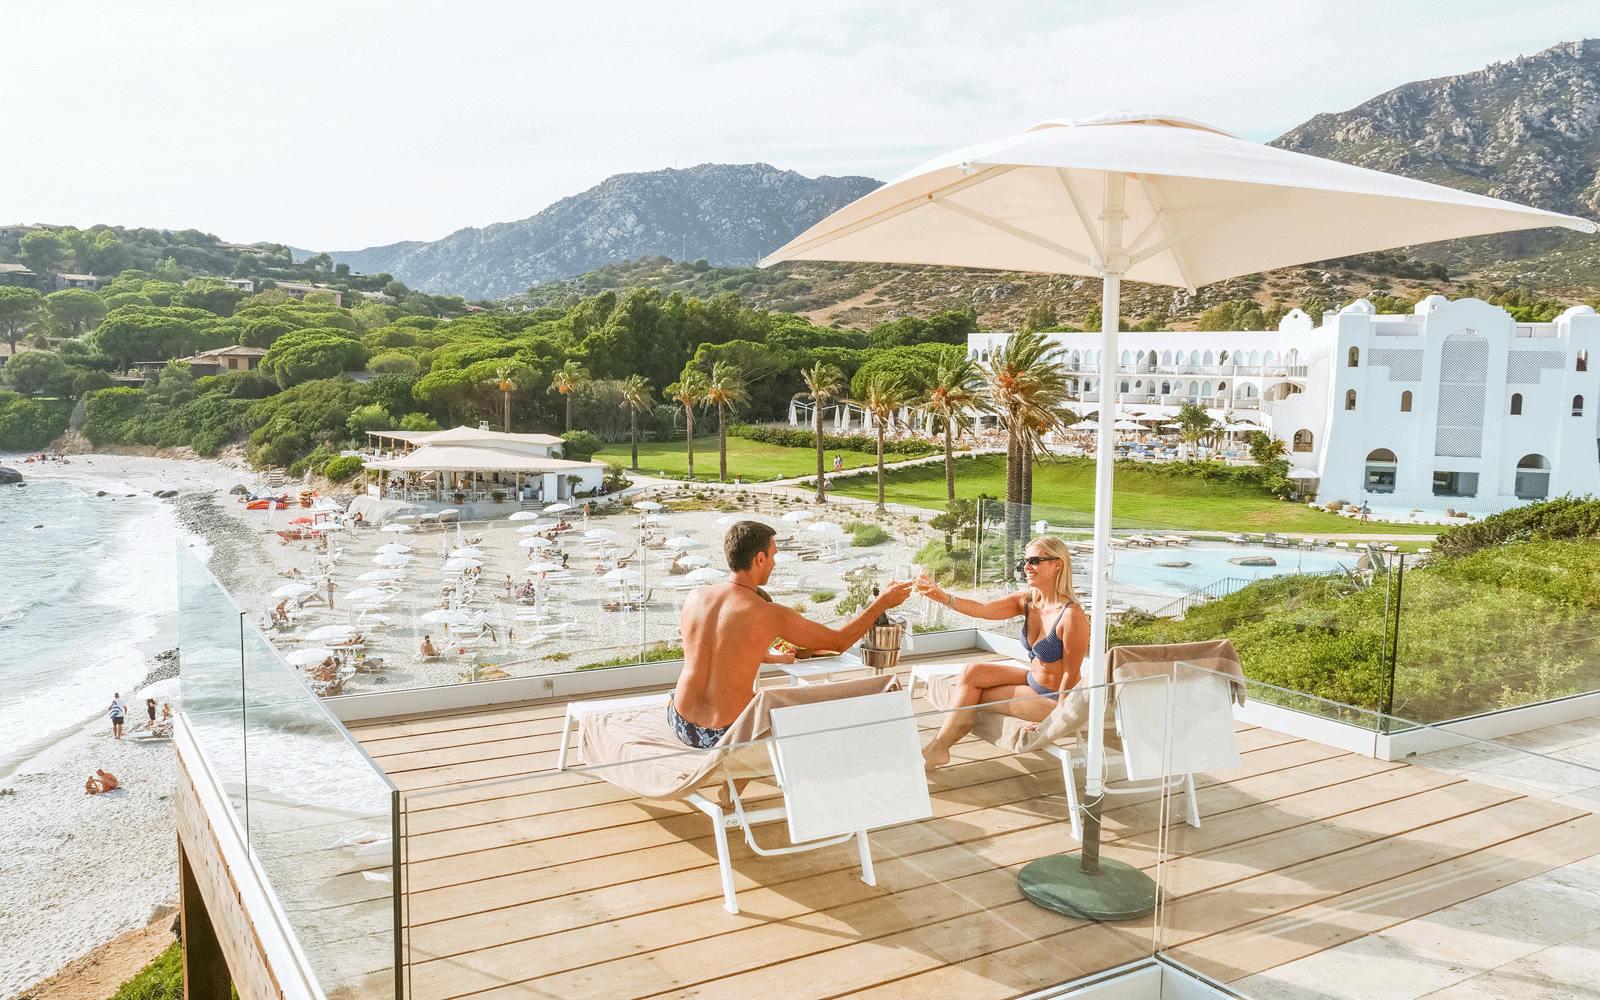 Capo Boi Resort External View